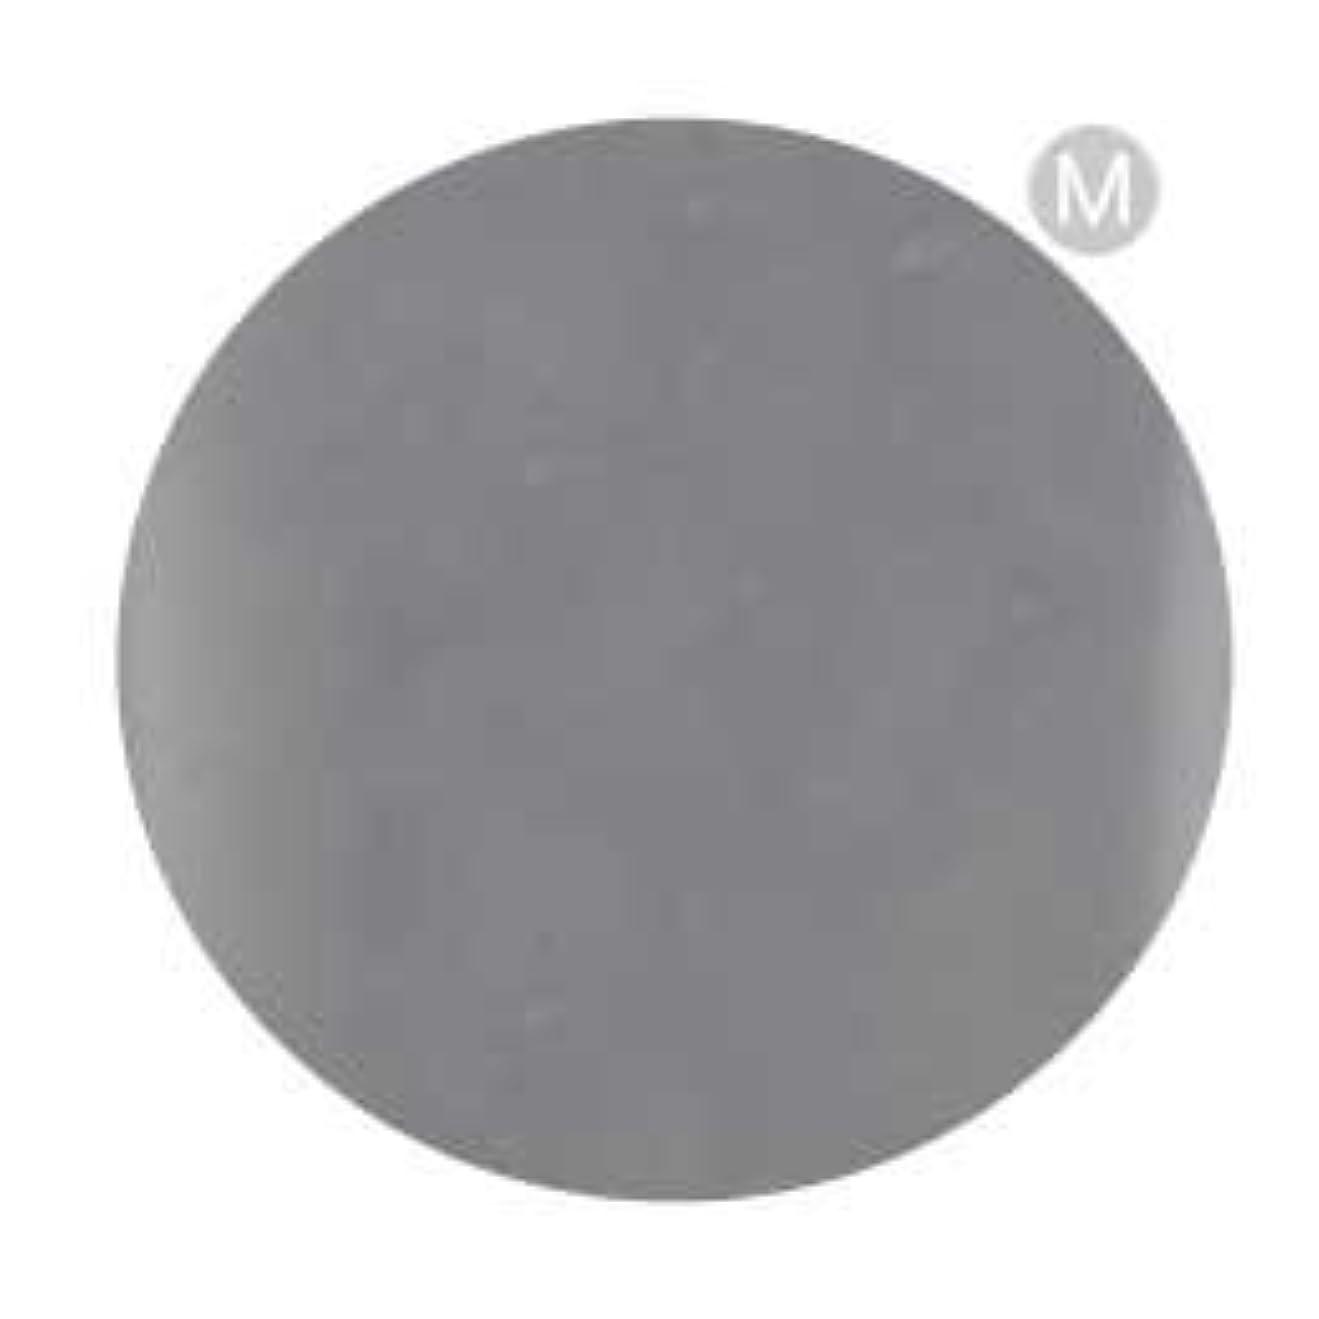 ブロー竜巻電気的SHAREYDVA+ ネイルカラー 99813